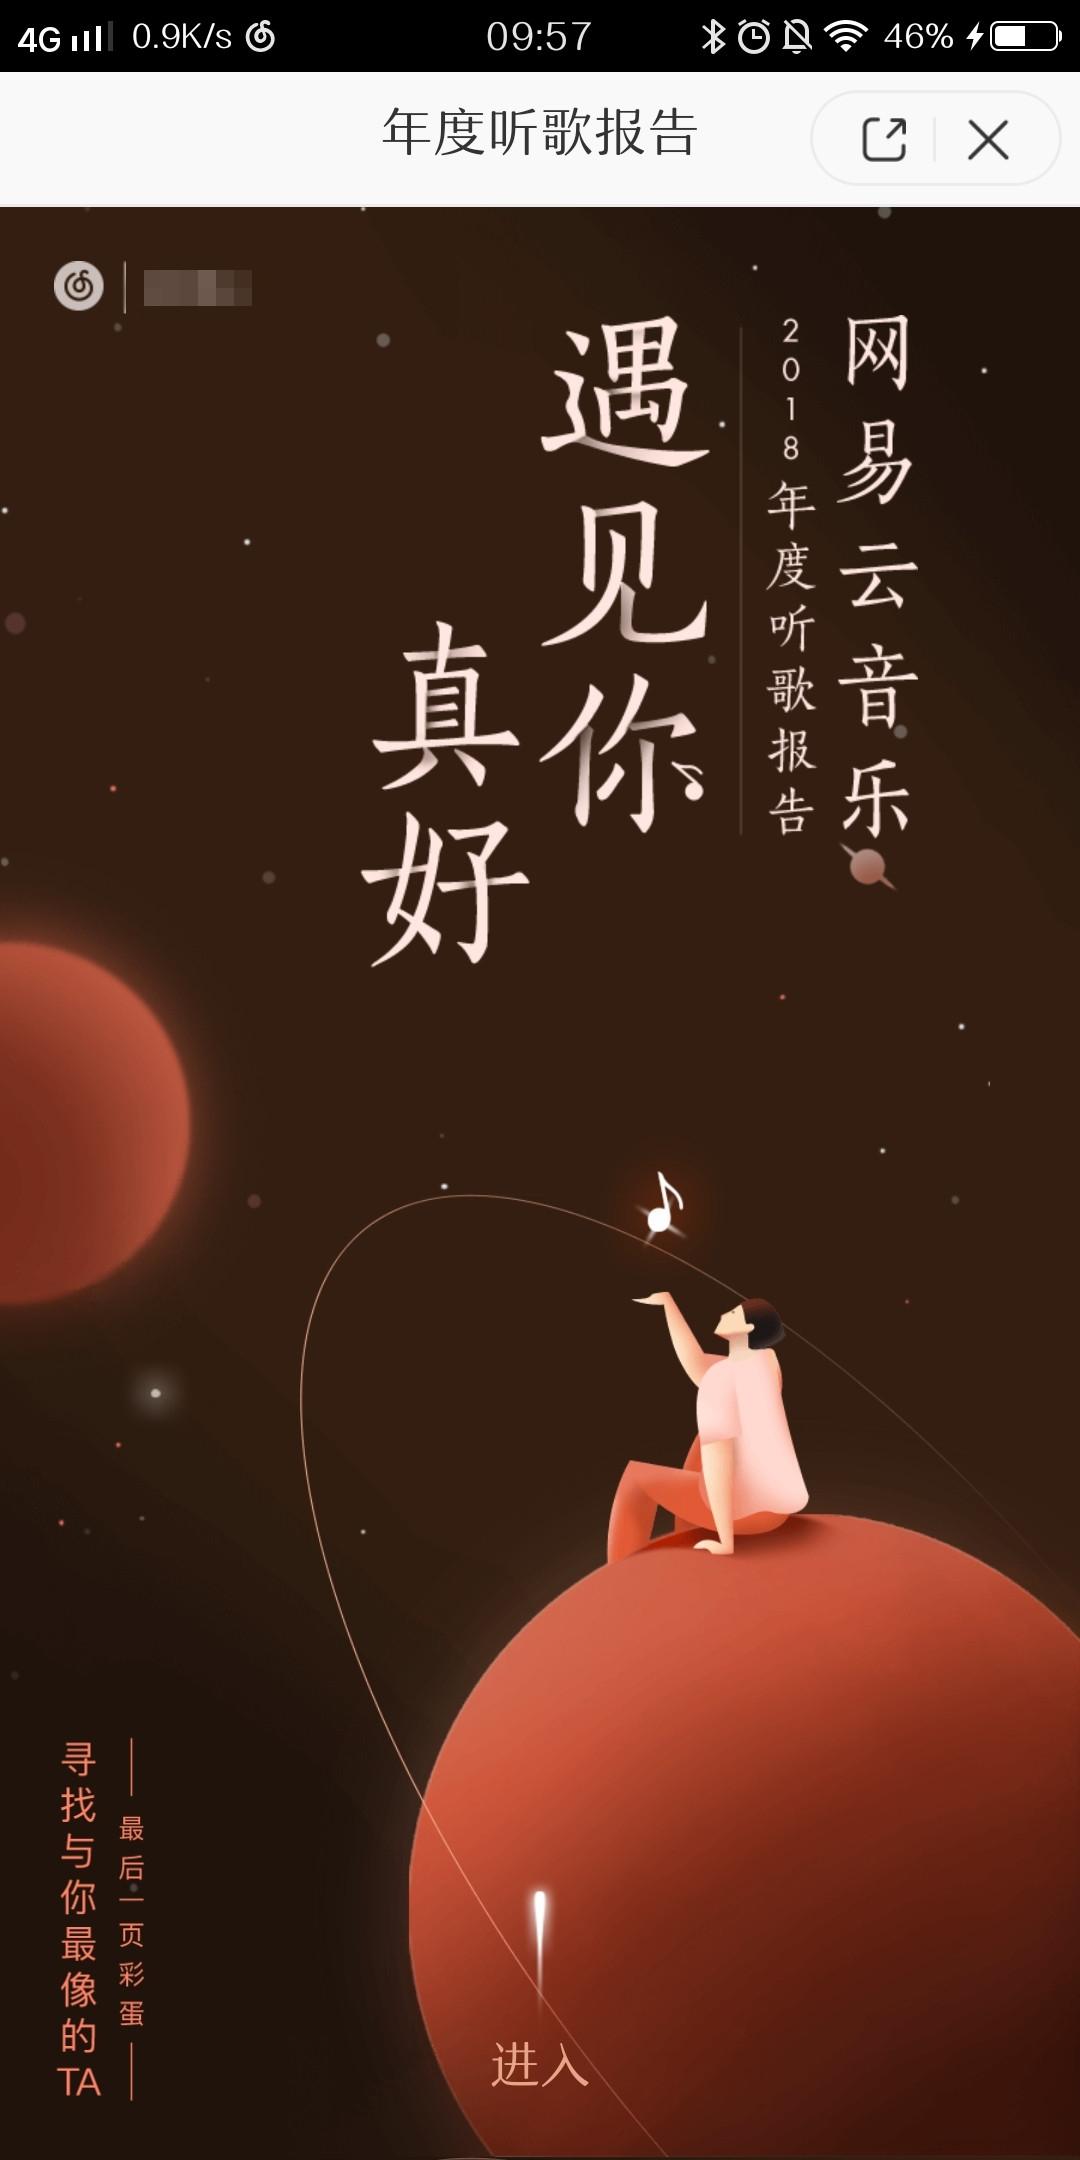 音乐资讯_网易云音乐发布2018年度听歌报告 有彩蛋-网易云音乐,发布,2018 ...